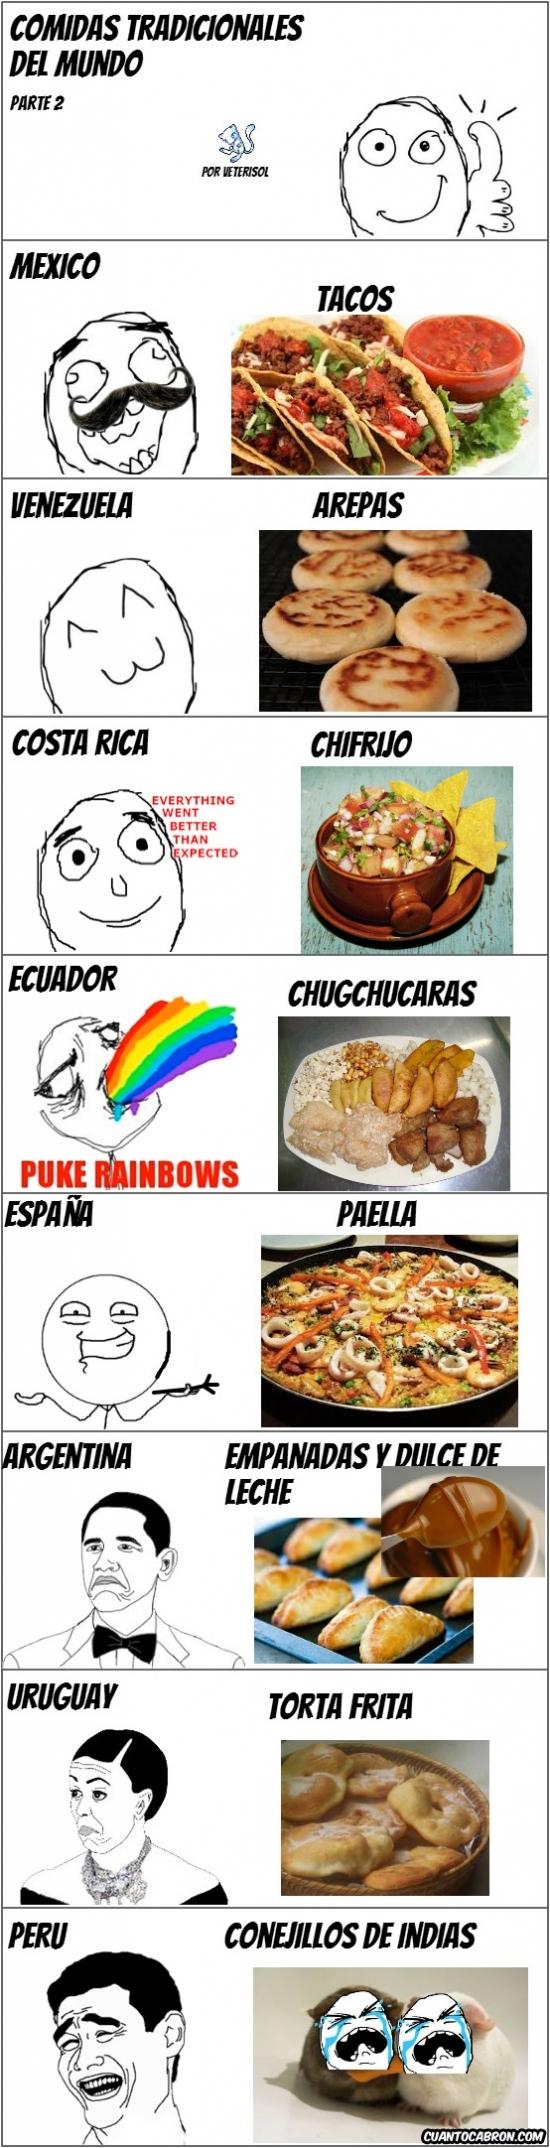 Mix - Alimentos del mundo, versión latina